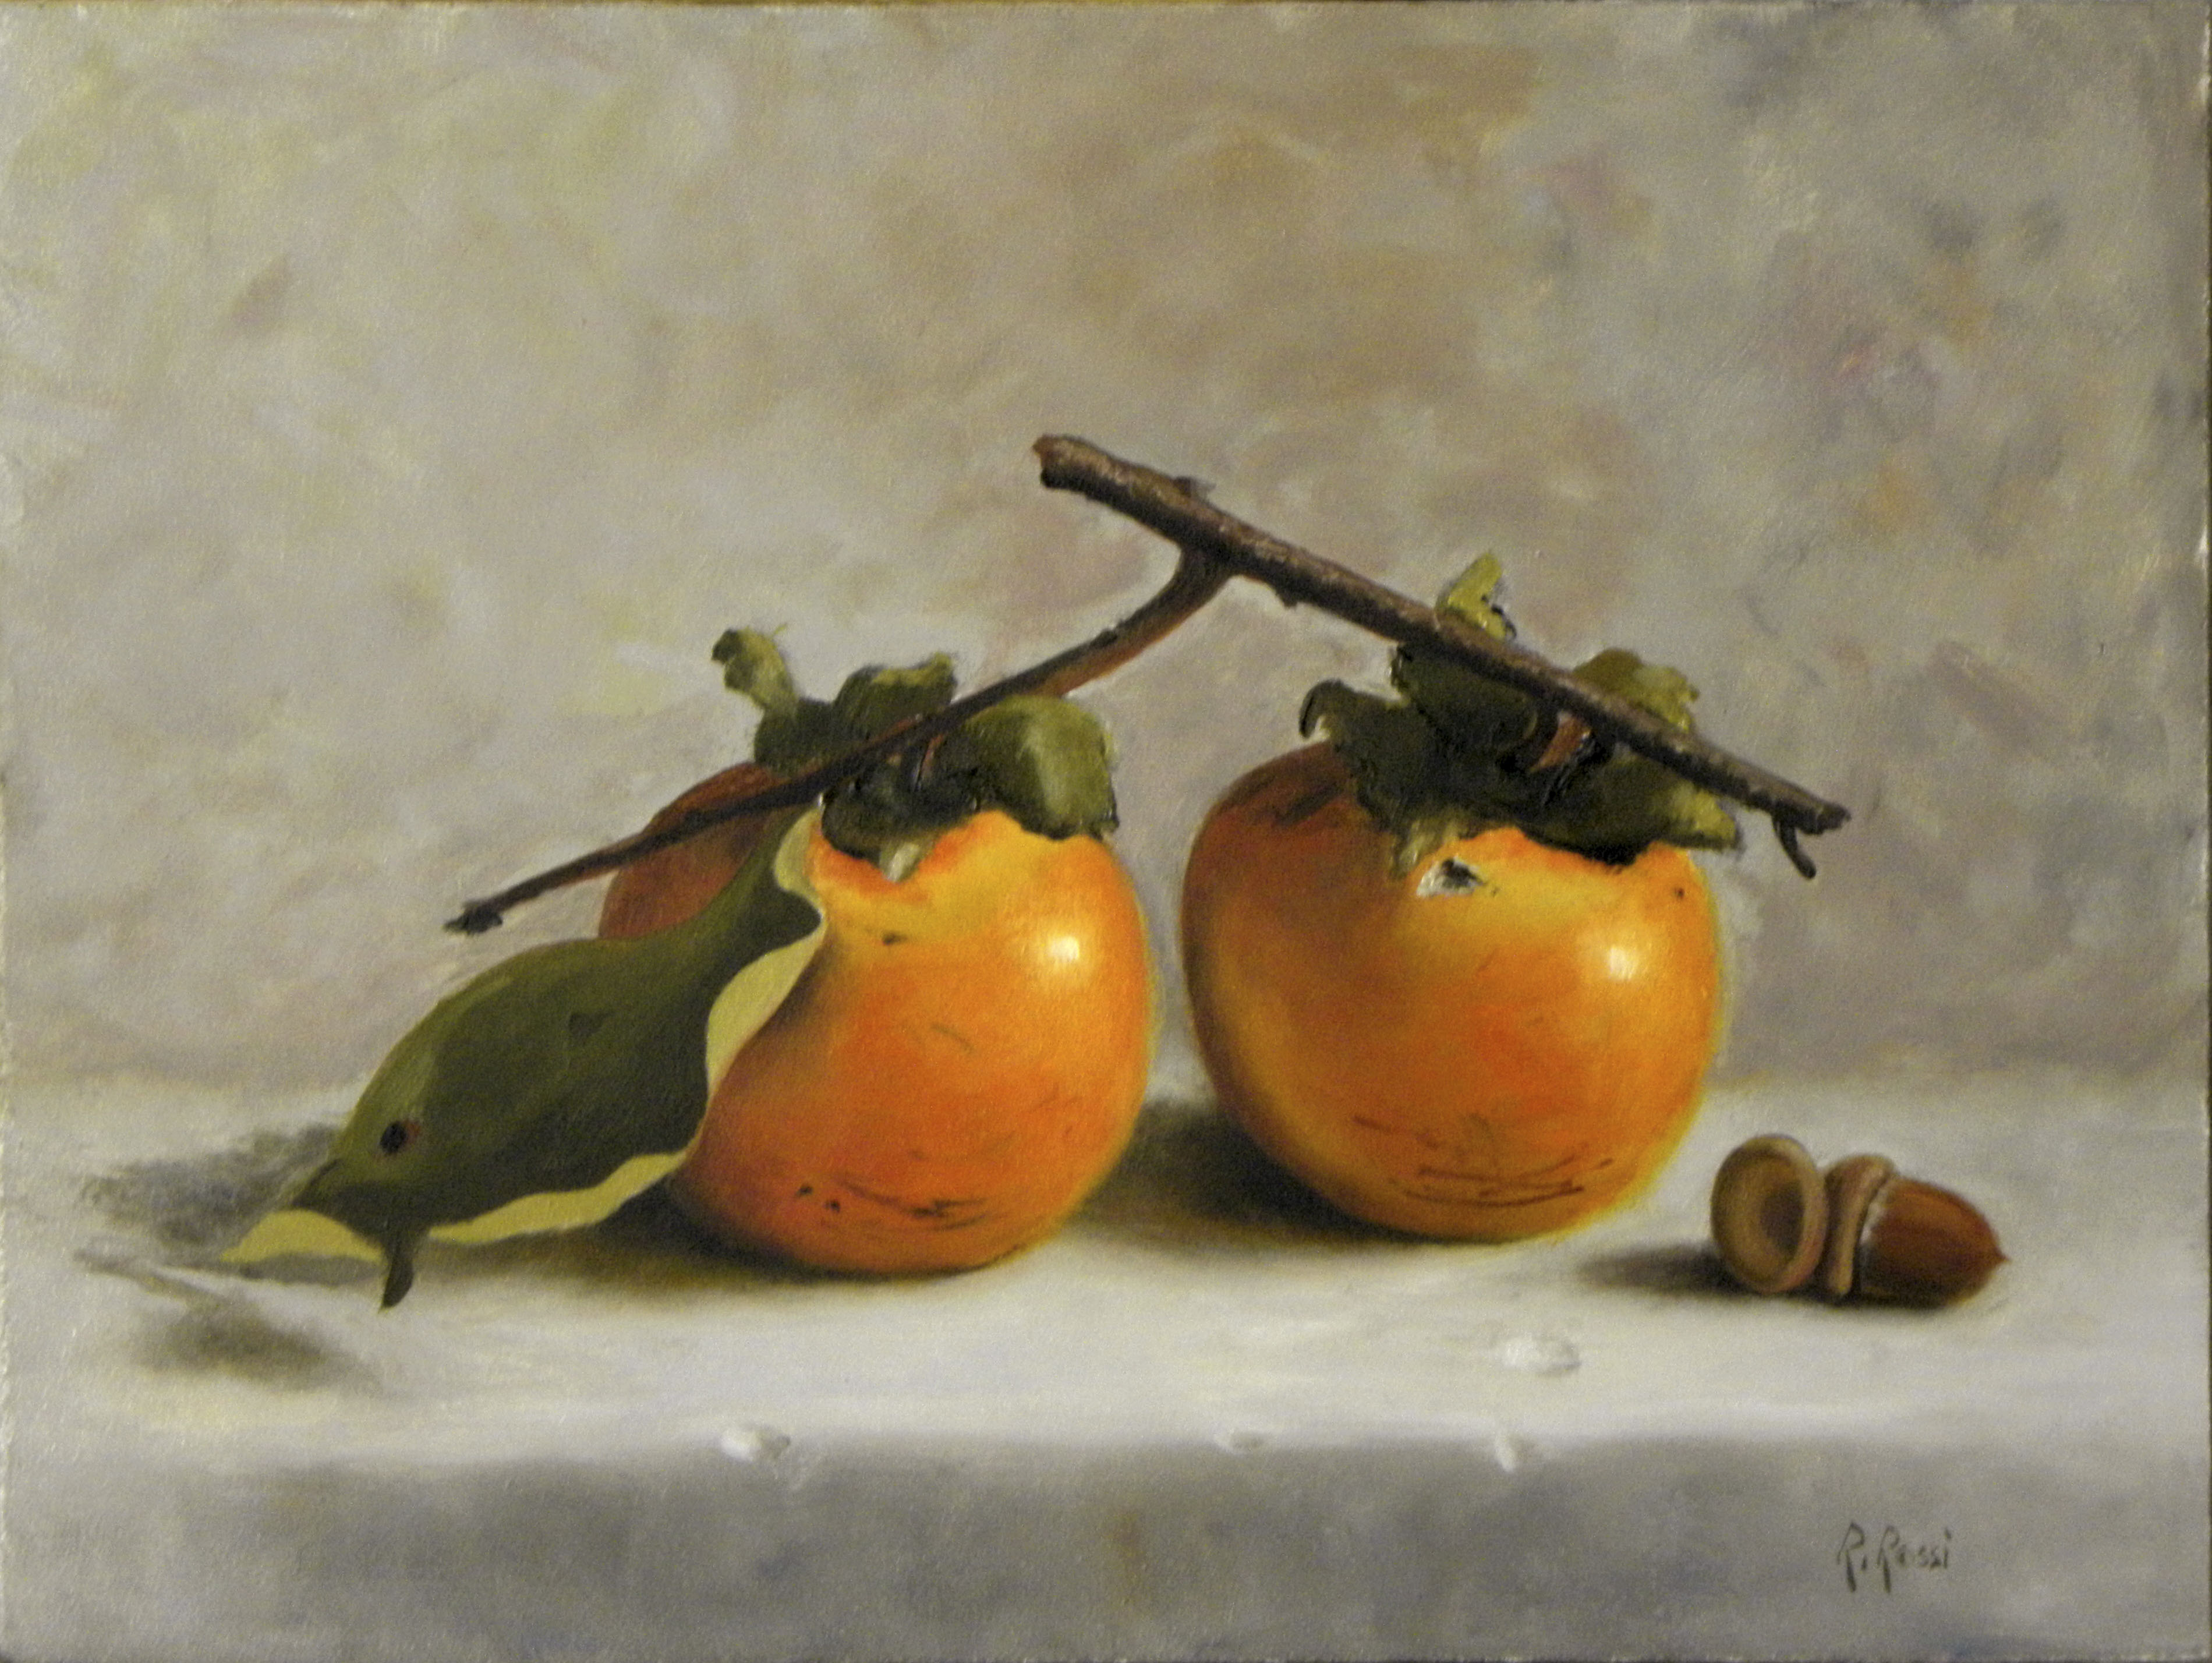 2012 roberta rossi - dolce autunno - olio su tela - 18 x 24